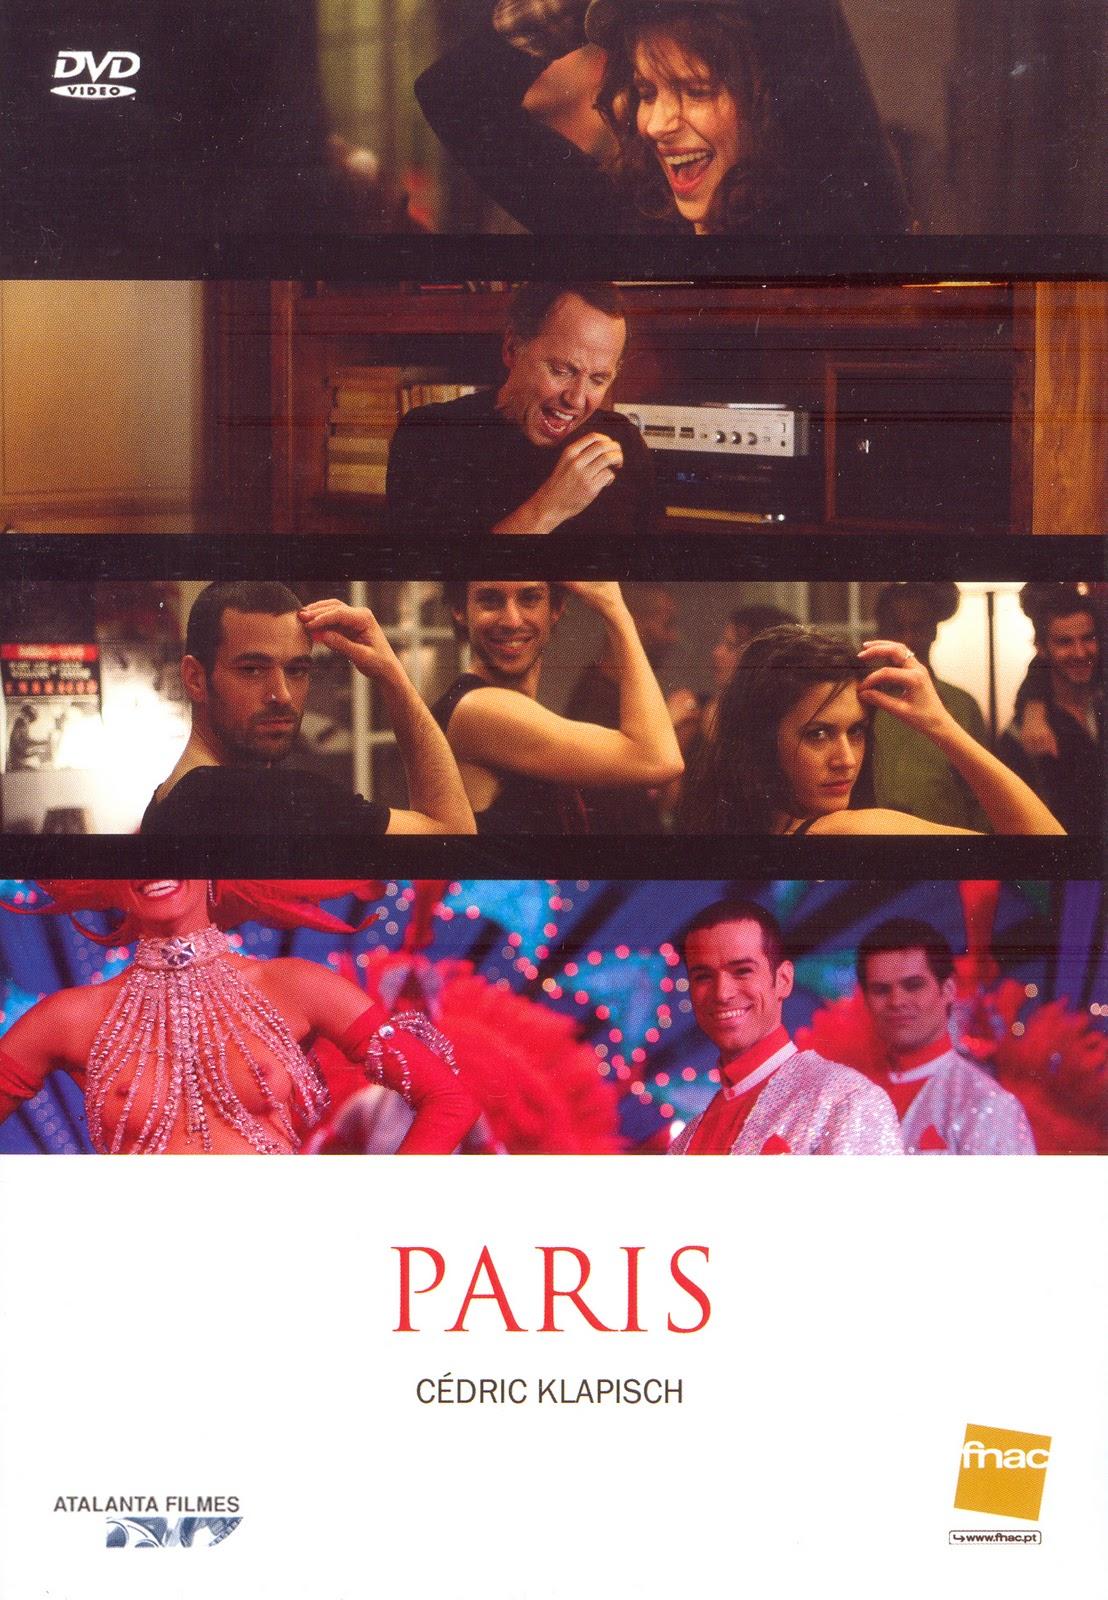 http://3.bp.blogspot.com/-e927u3NJw3Y/Tw4SuDeqtqI/AAAAAAAAAUk/B7K4QnBwAMY/s1600/Paris.jpg